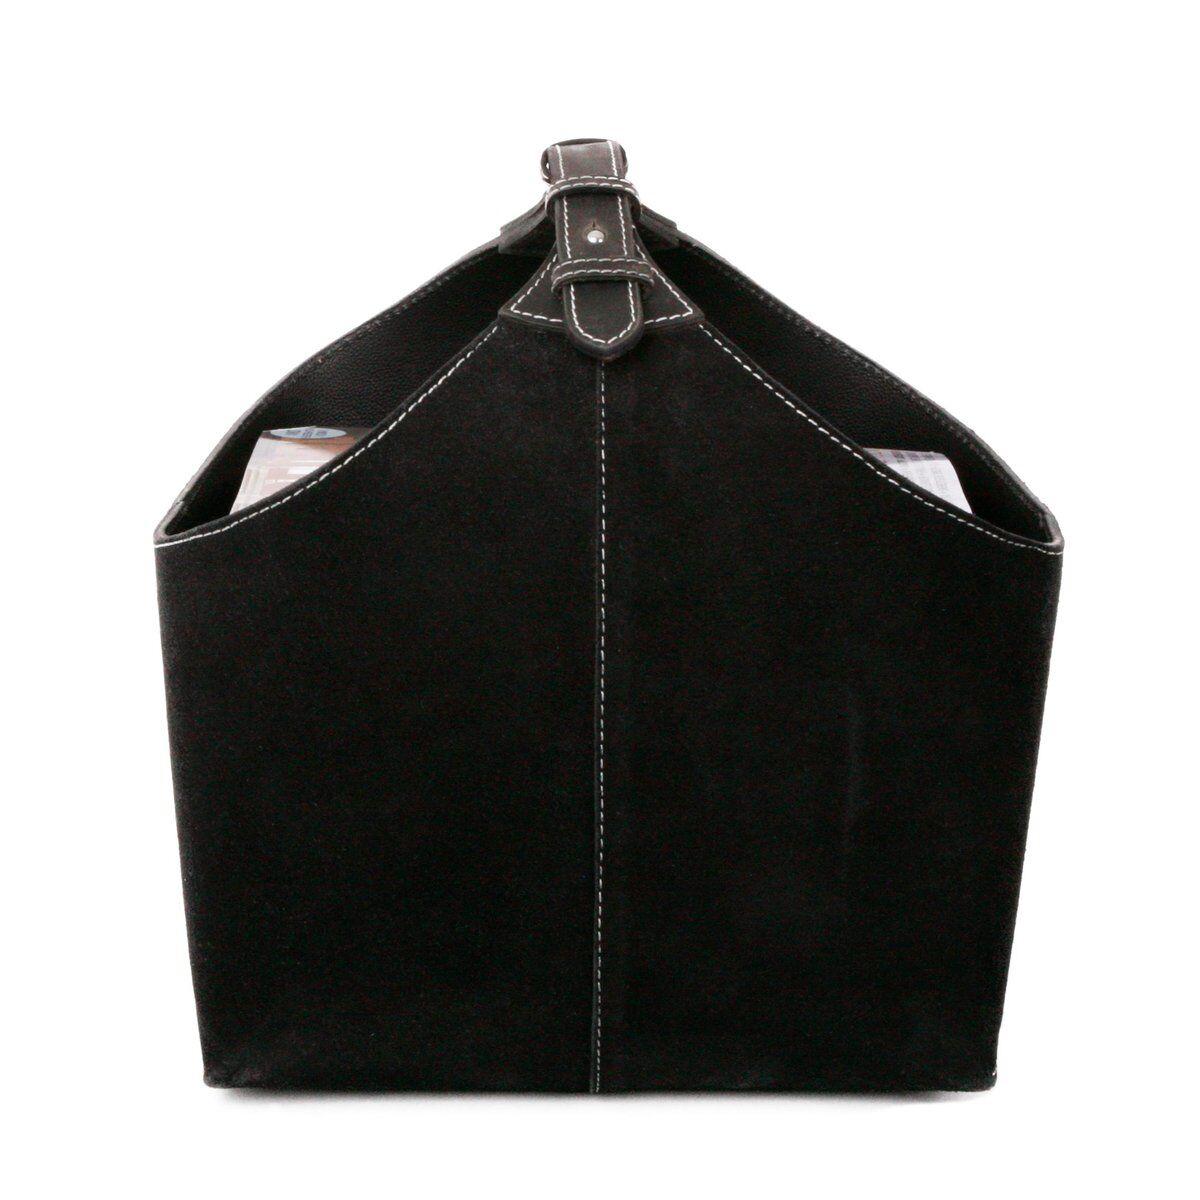 Ørskov aviskurv semesket skinn svart